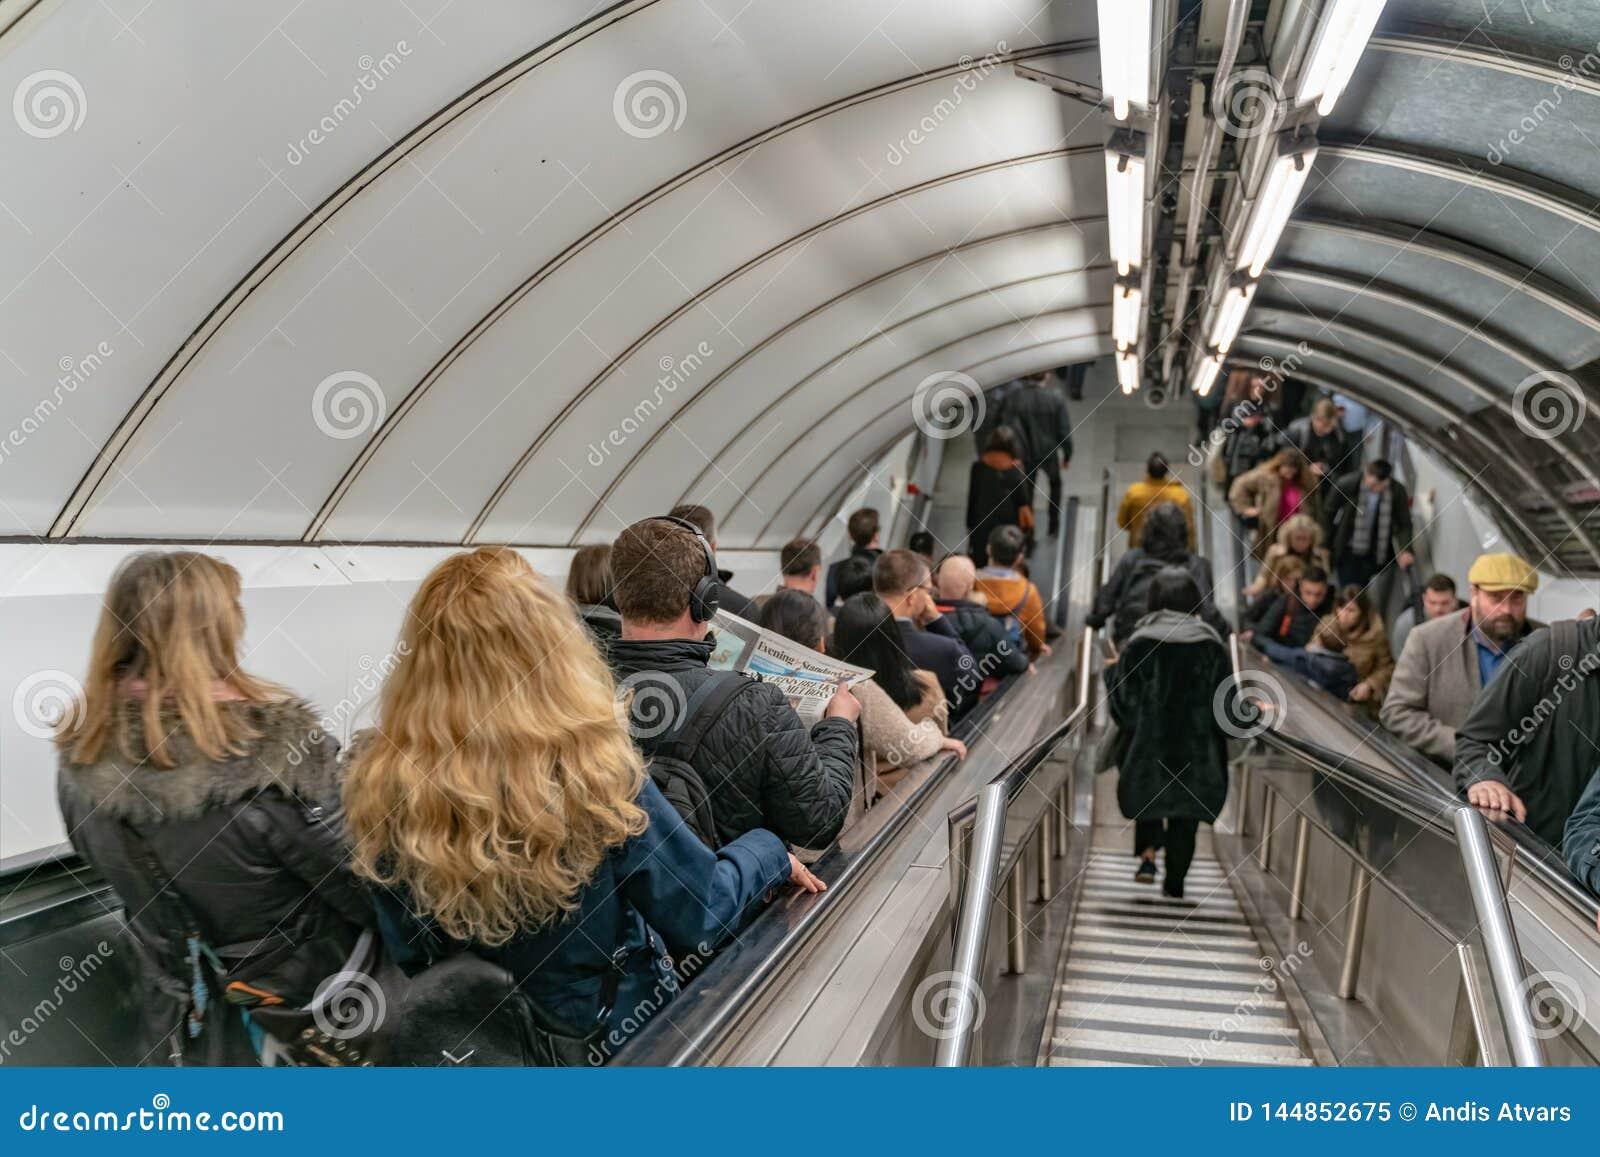 Лондон, Великобритания - 05, март 2019: Станция банка в Лондоне ОН нелегально, люди использует эскалатор на часе пик